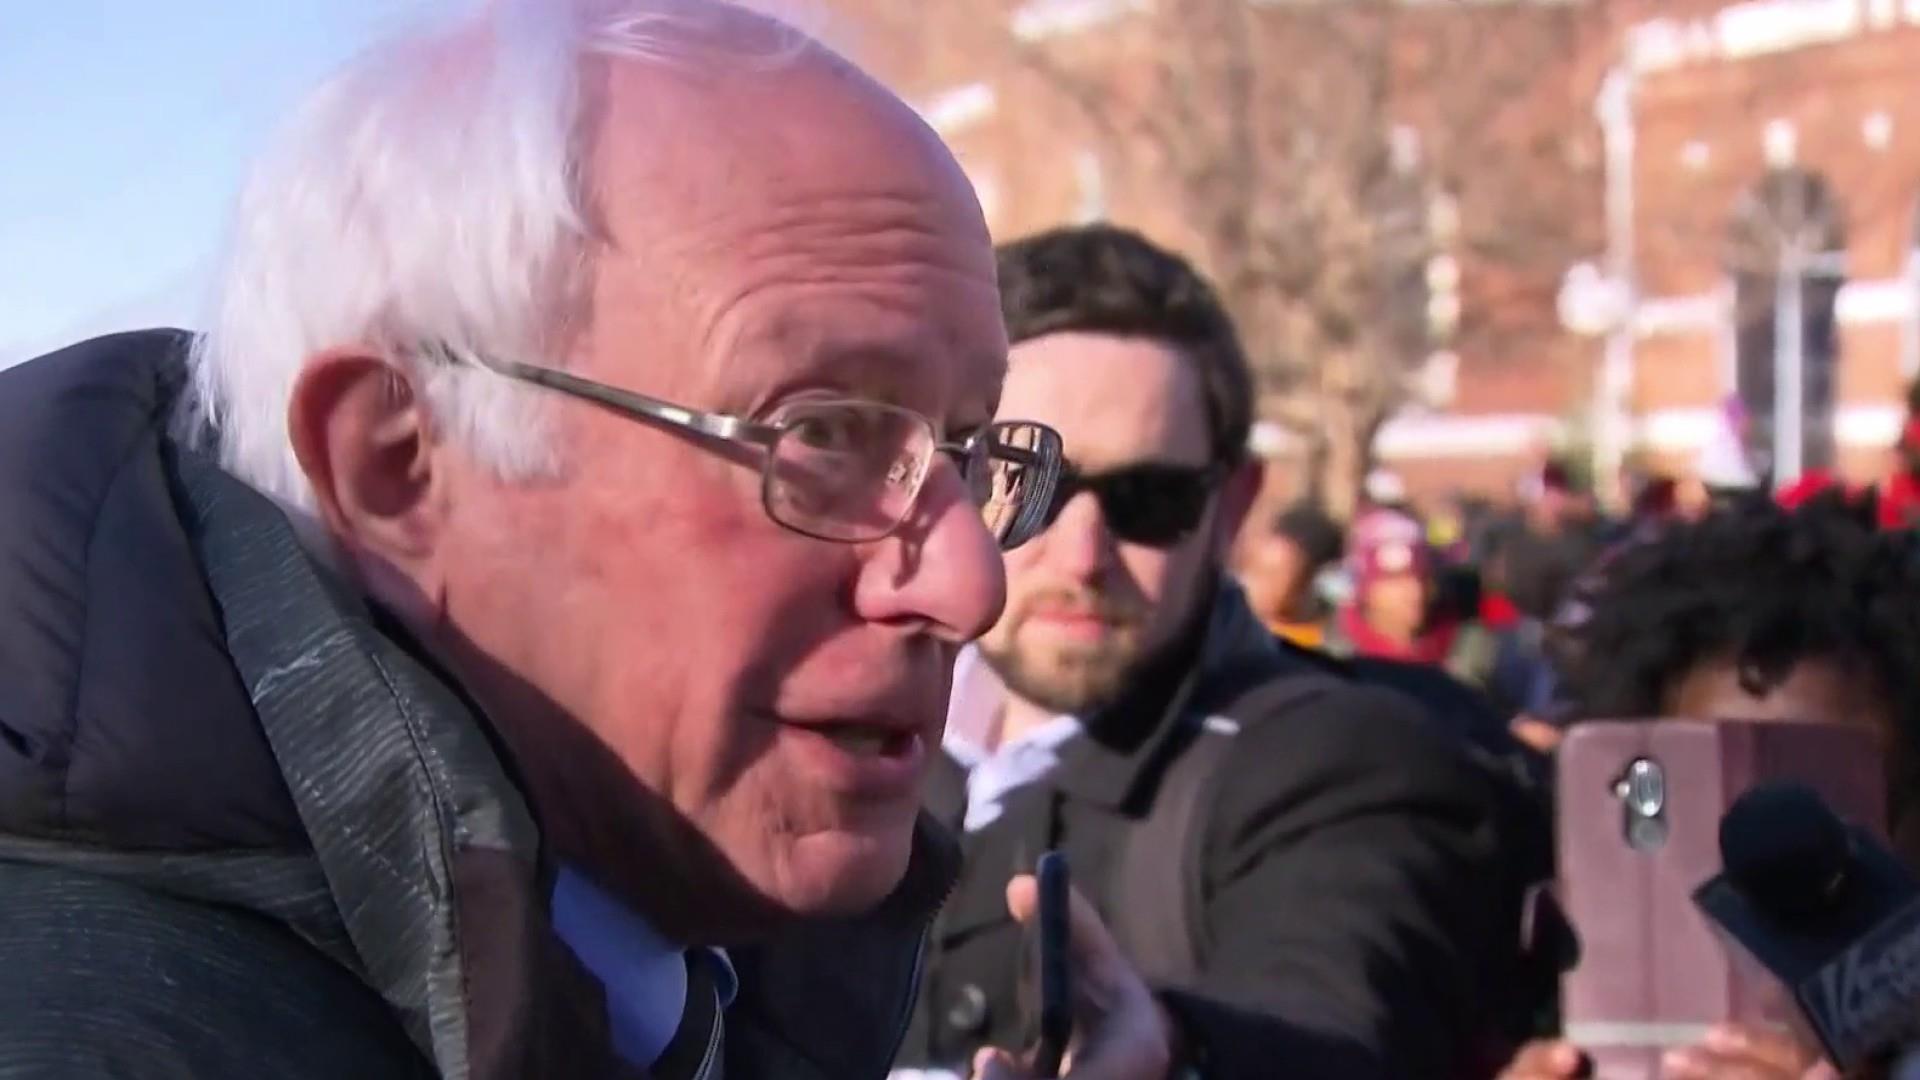 Bernie Sanders raises $3.3 million hours after 2020 announcement